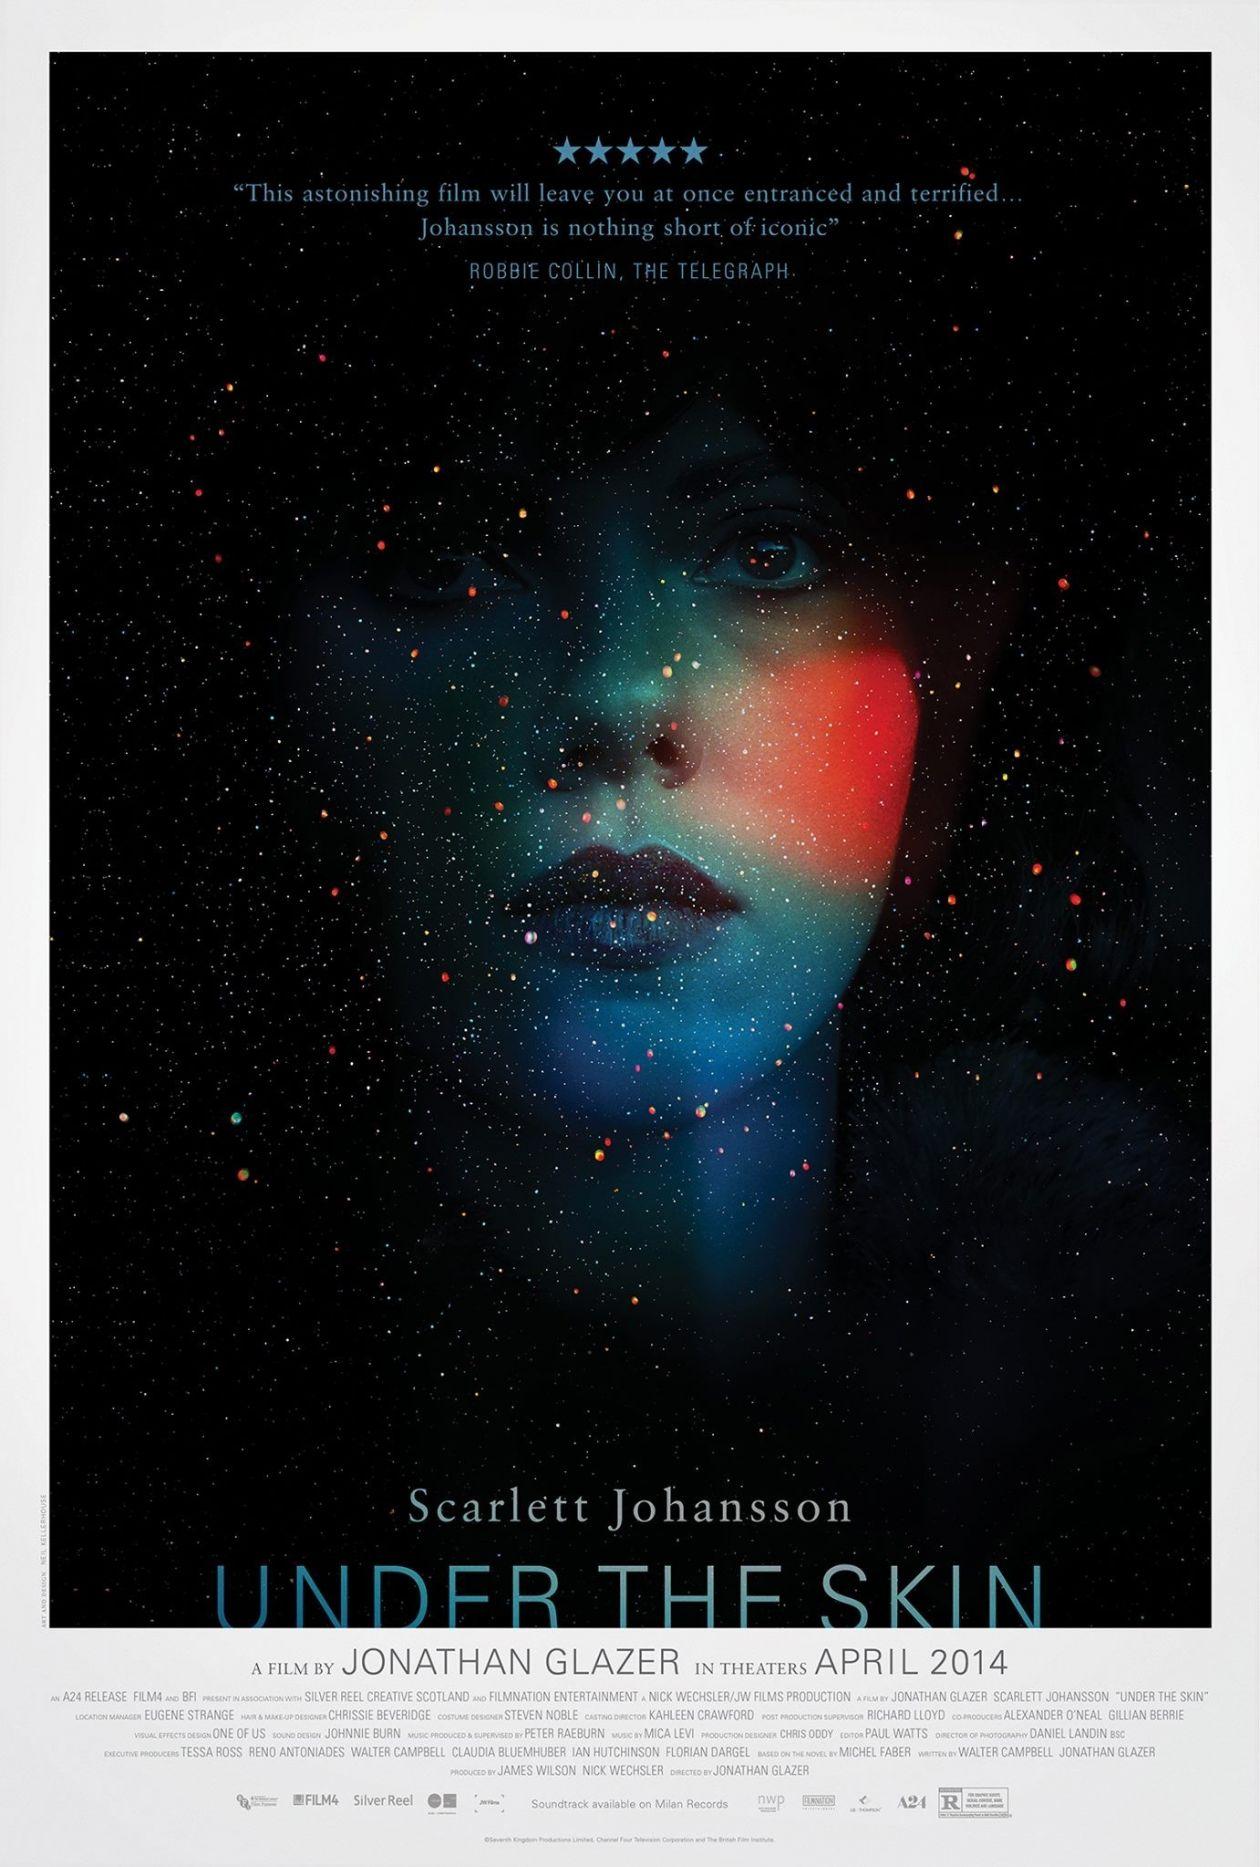 Scarlett Johansson   Under the skin   Jonathan Glazer 2013 / MOVIE POSTER / AFFICHE DU FILM